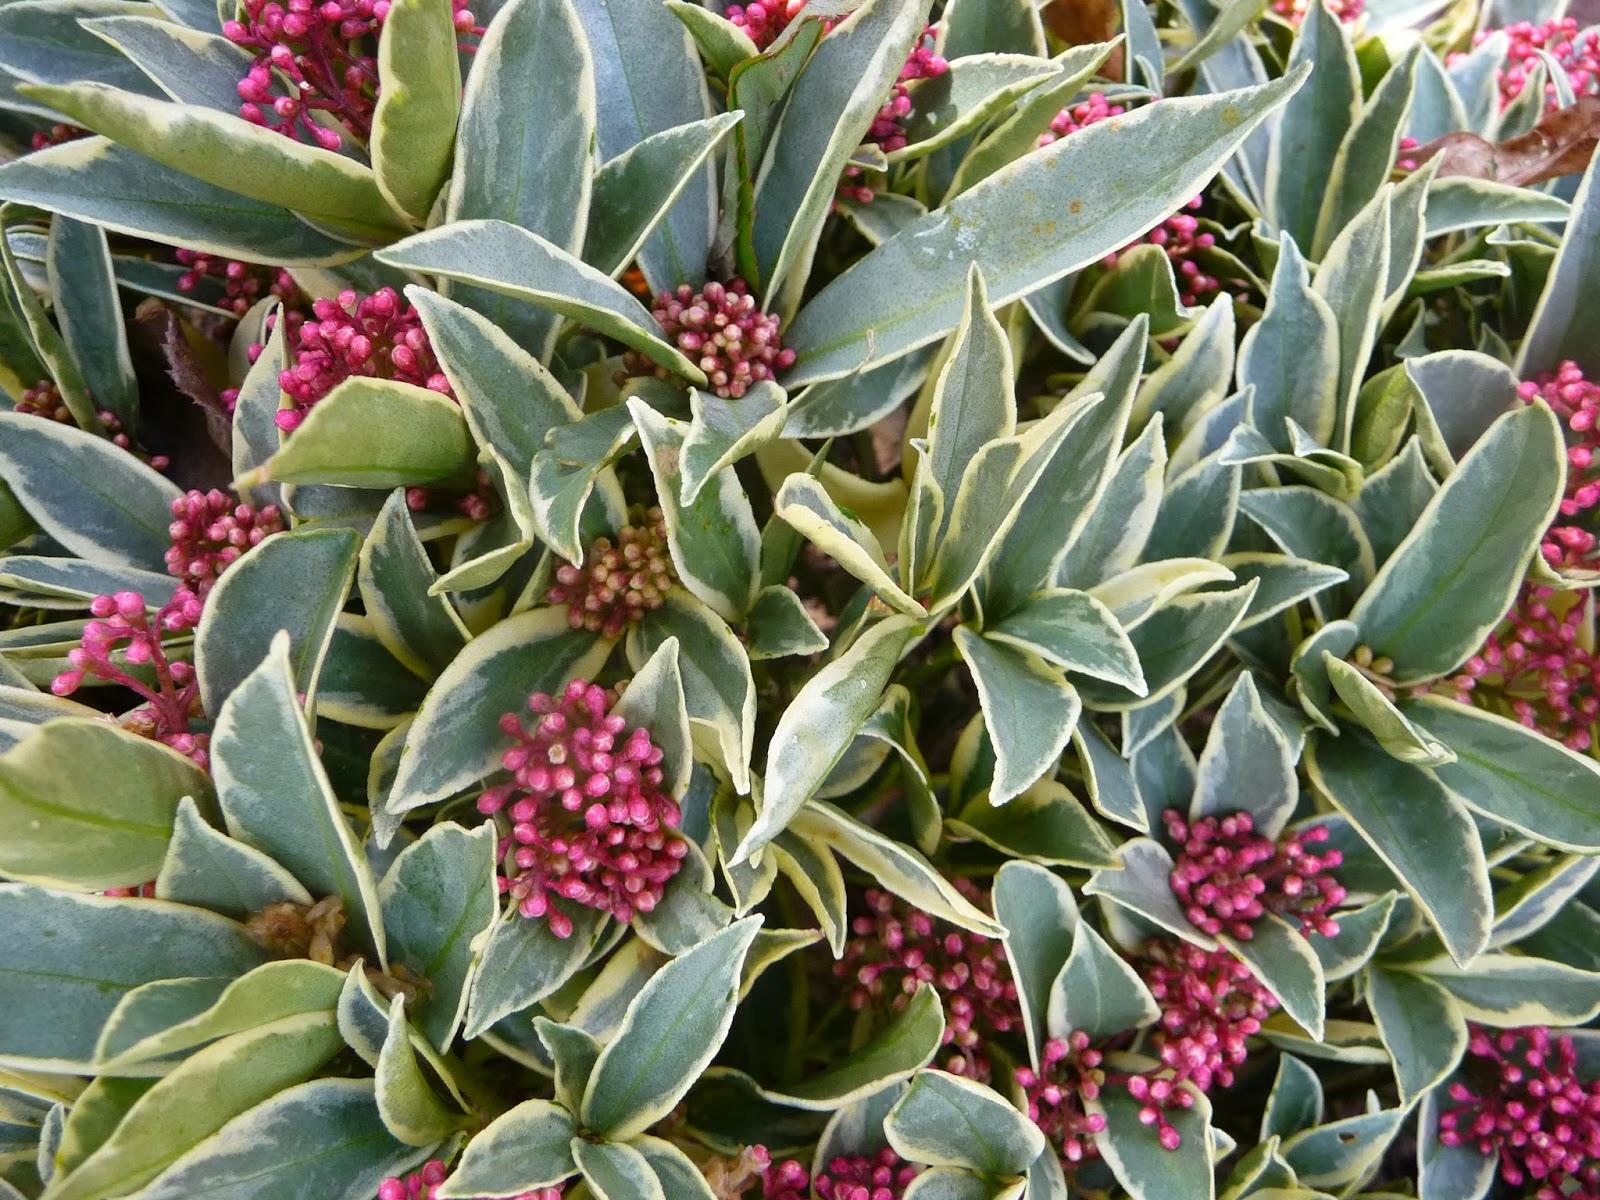 Ma terre de bruy re les feuillages panach s vert blanc ou vert cr me du jardin - Quand tailler saule crevette ...